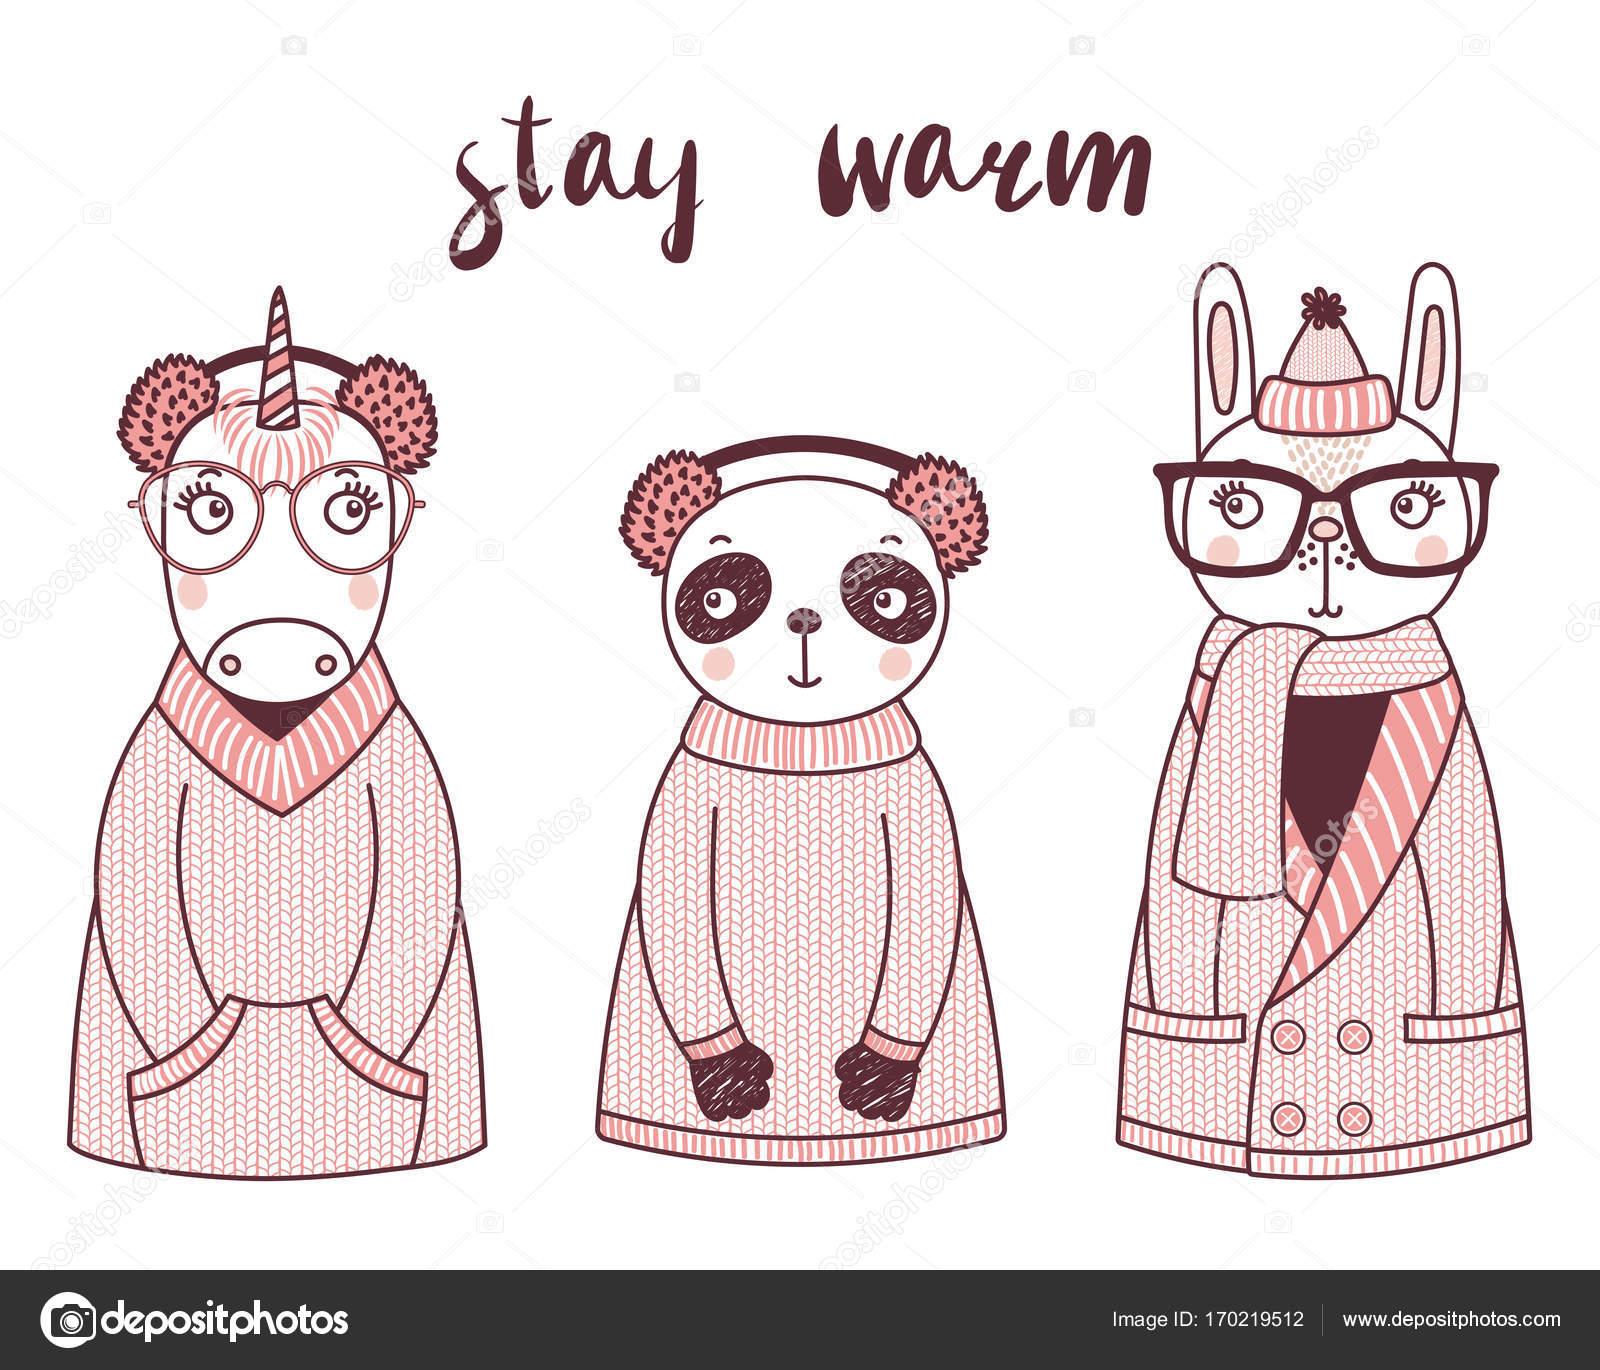 Animales divertidos lindos sombreros de punto y suéteres — Archivo ...